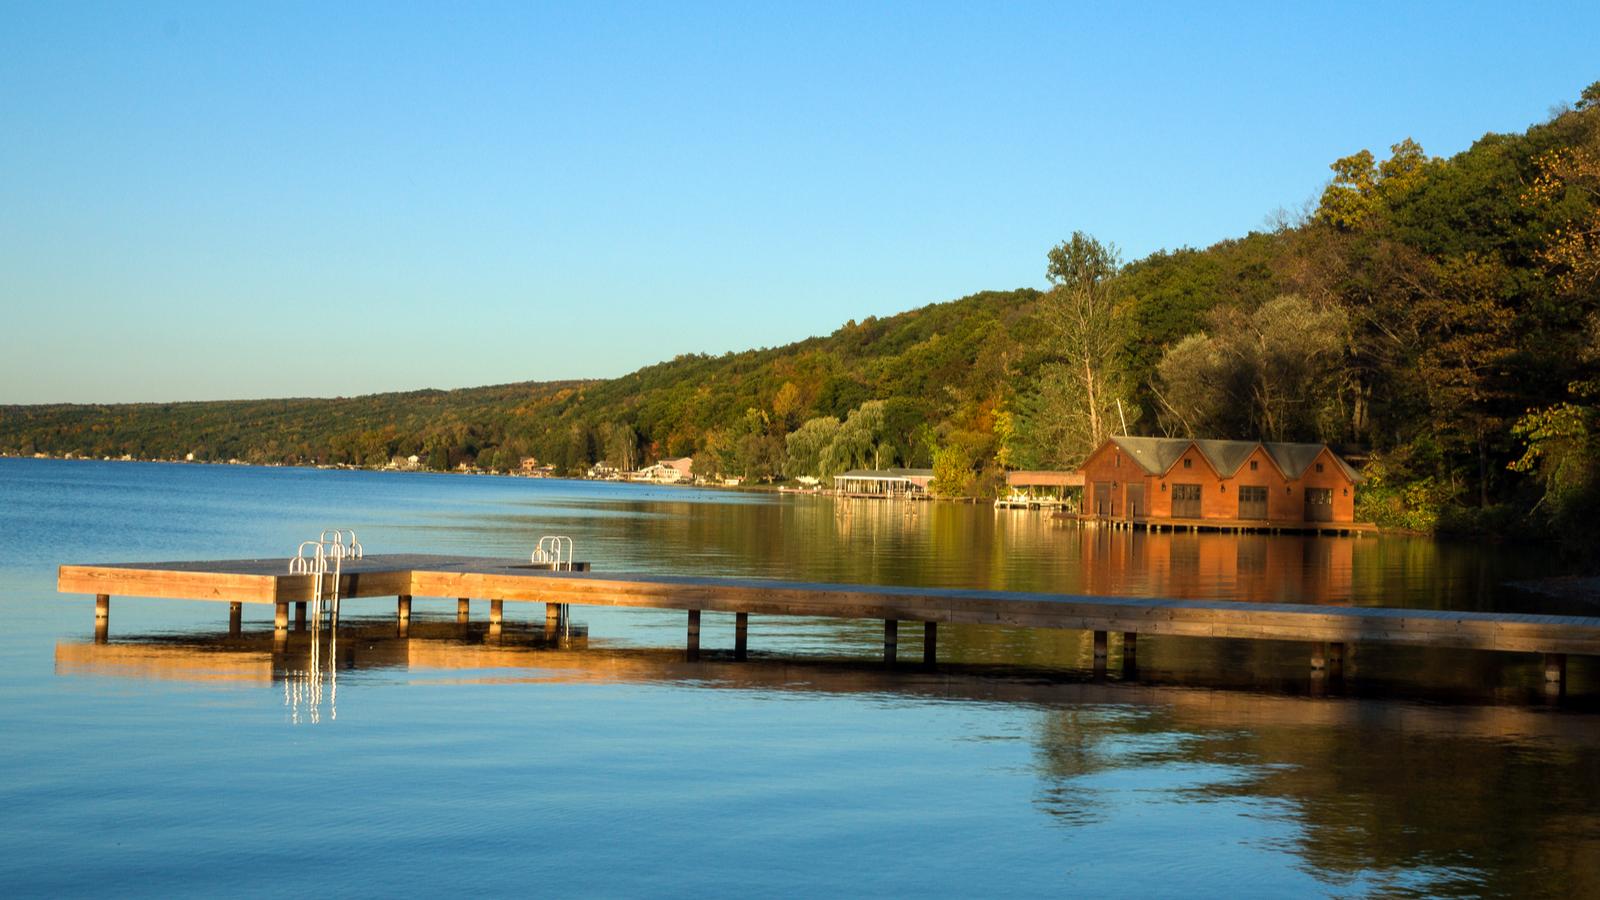 Sunset on Seneca Lake at Watkins Glen, New York